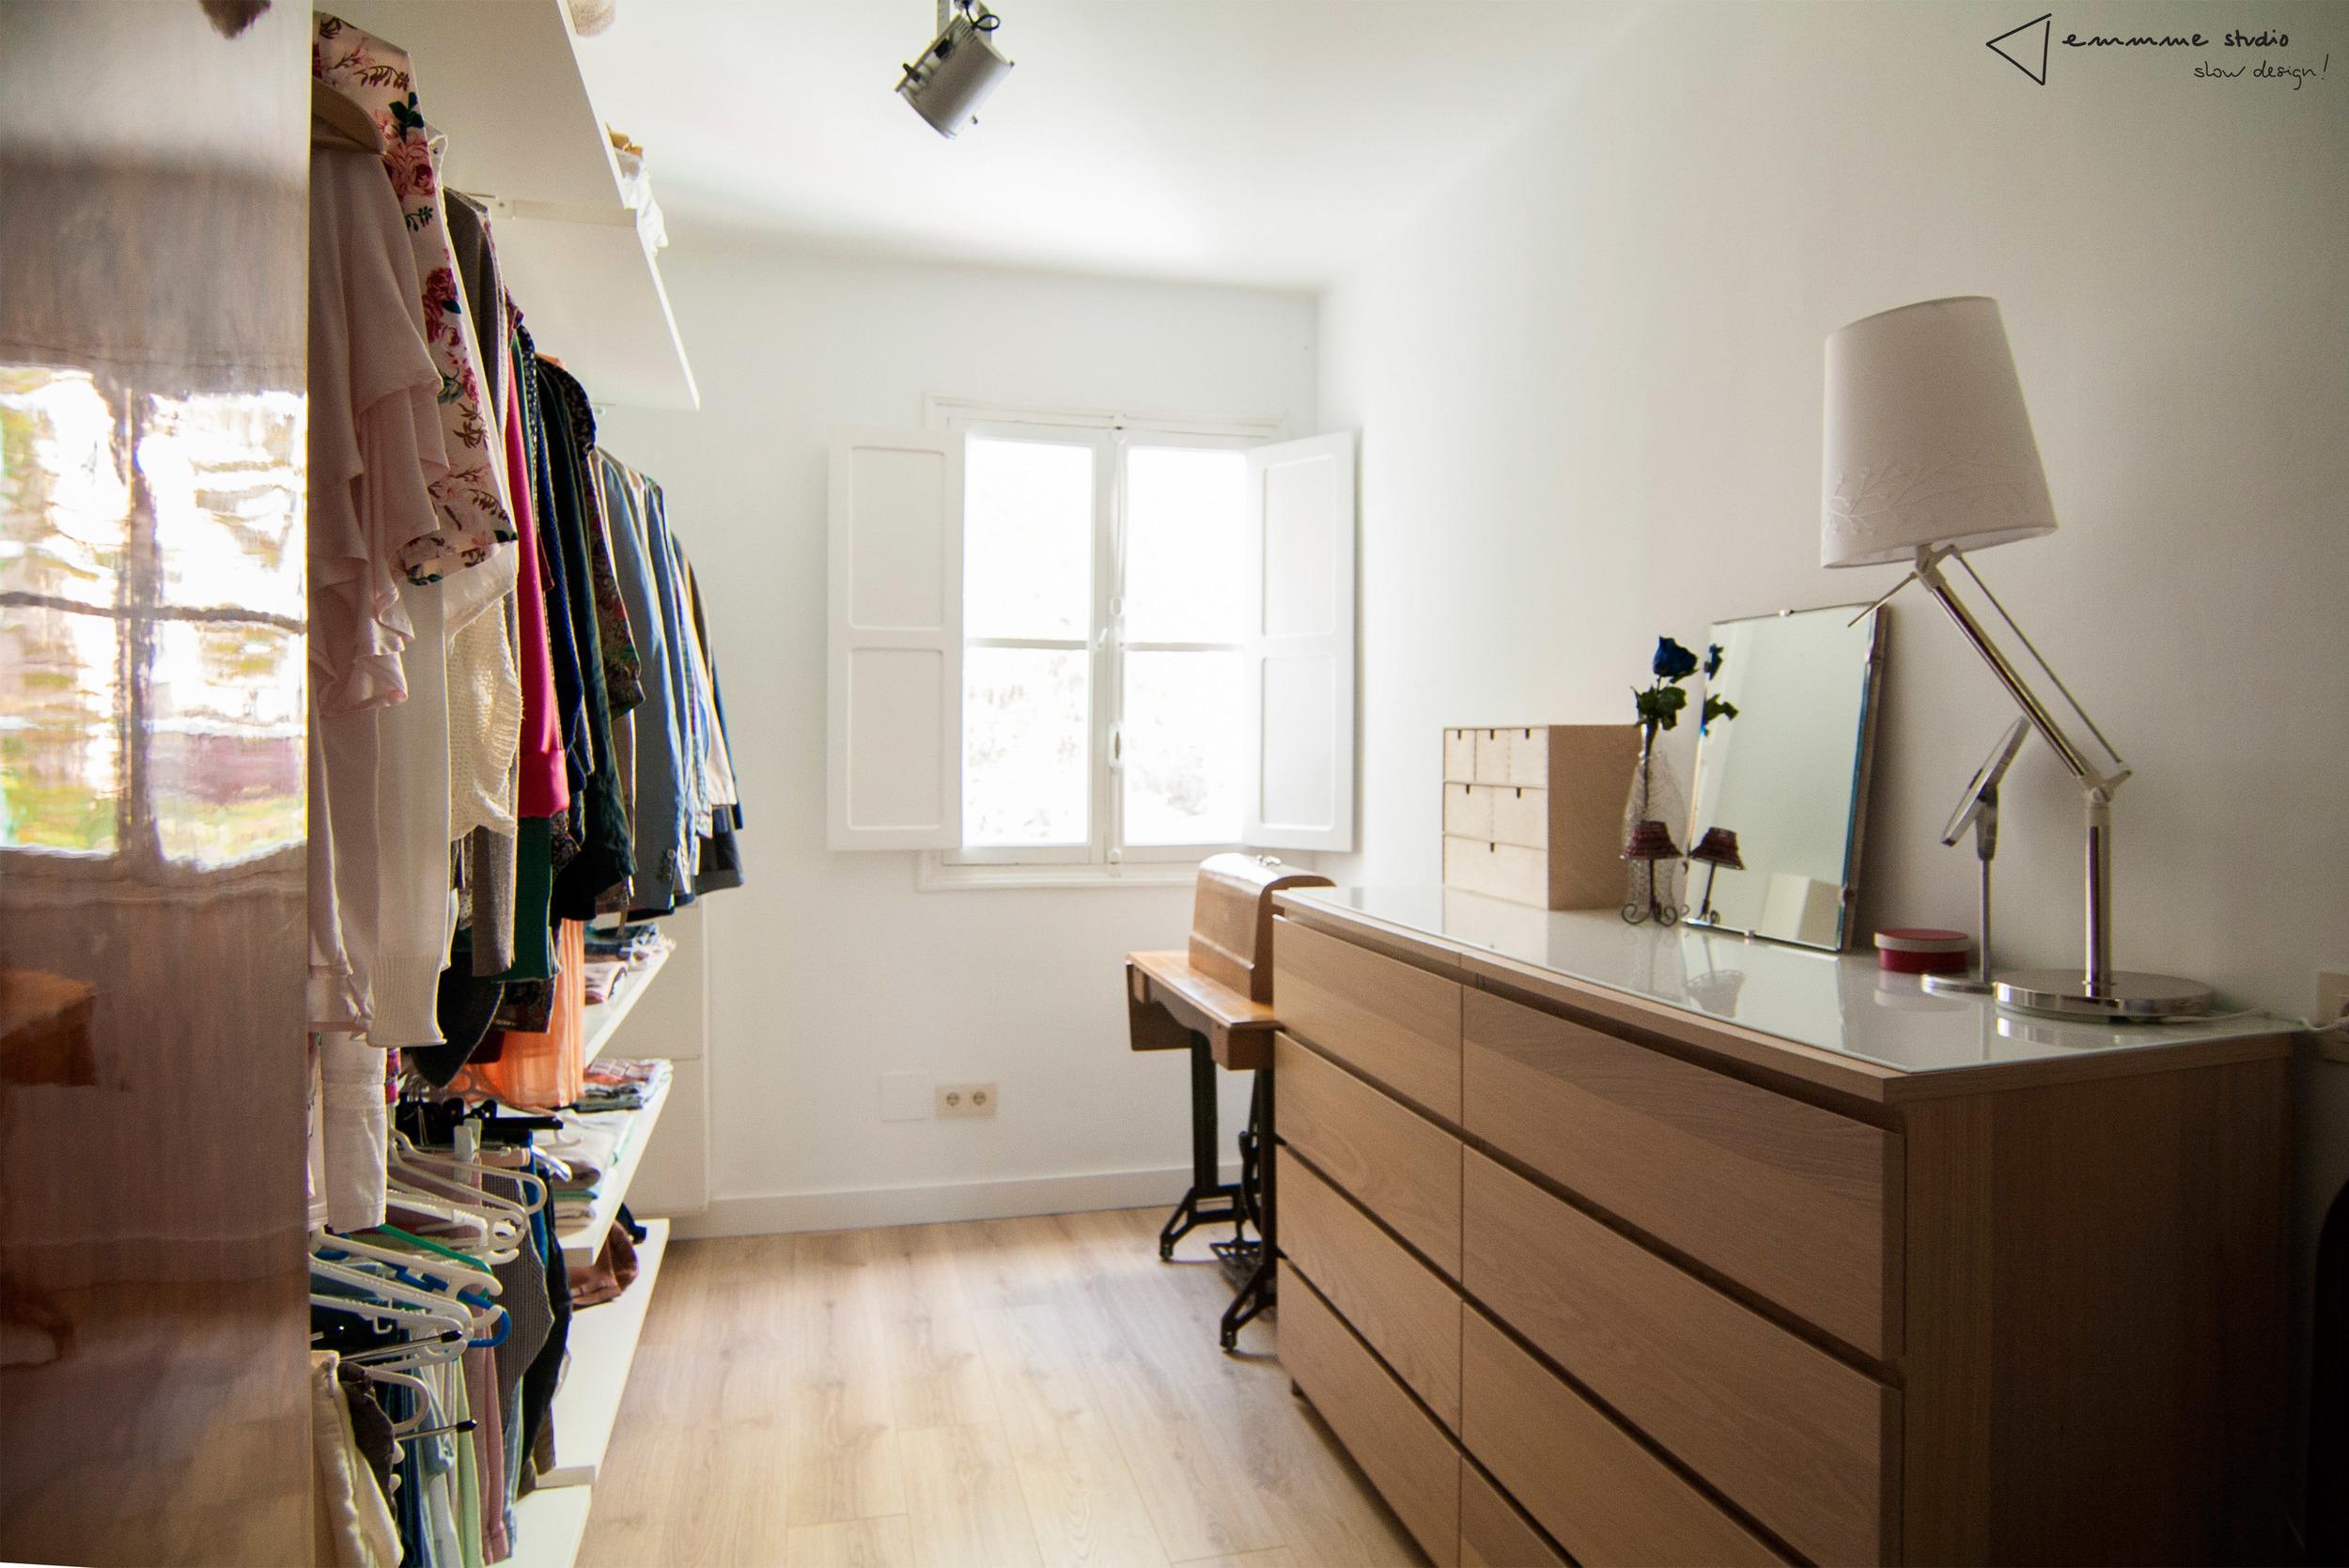 emmme studio_reforma new vintage_vestidor.jpg